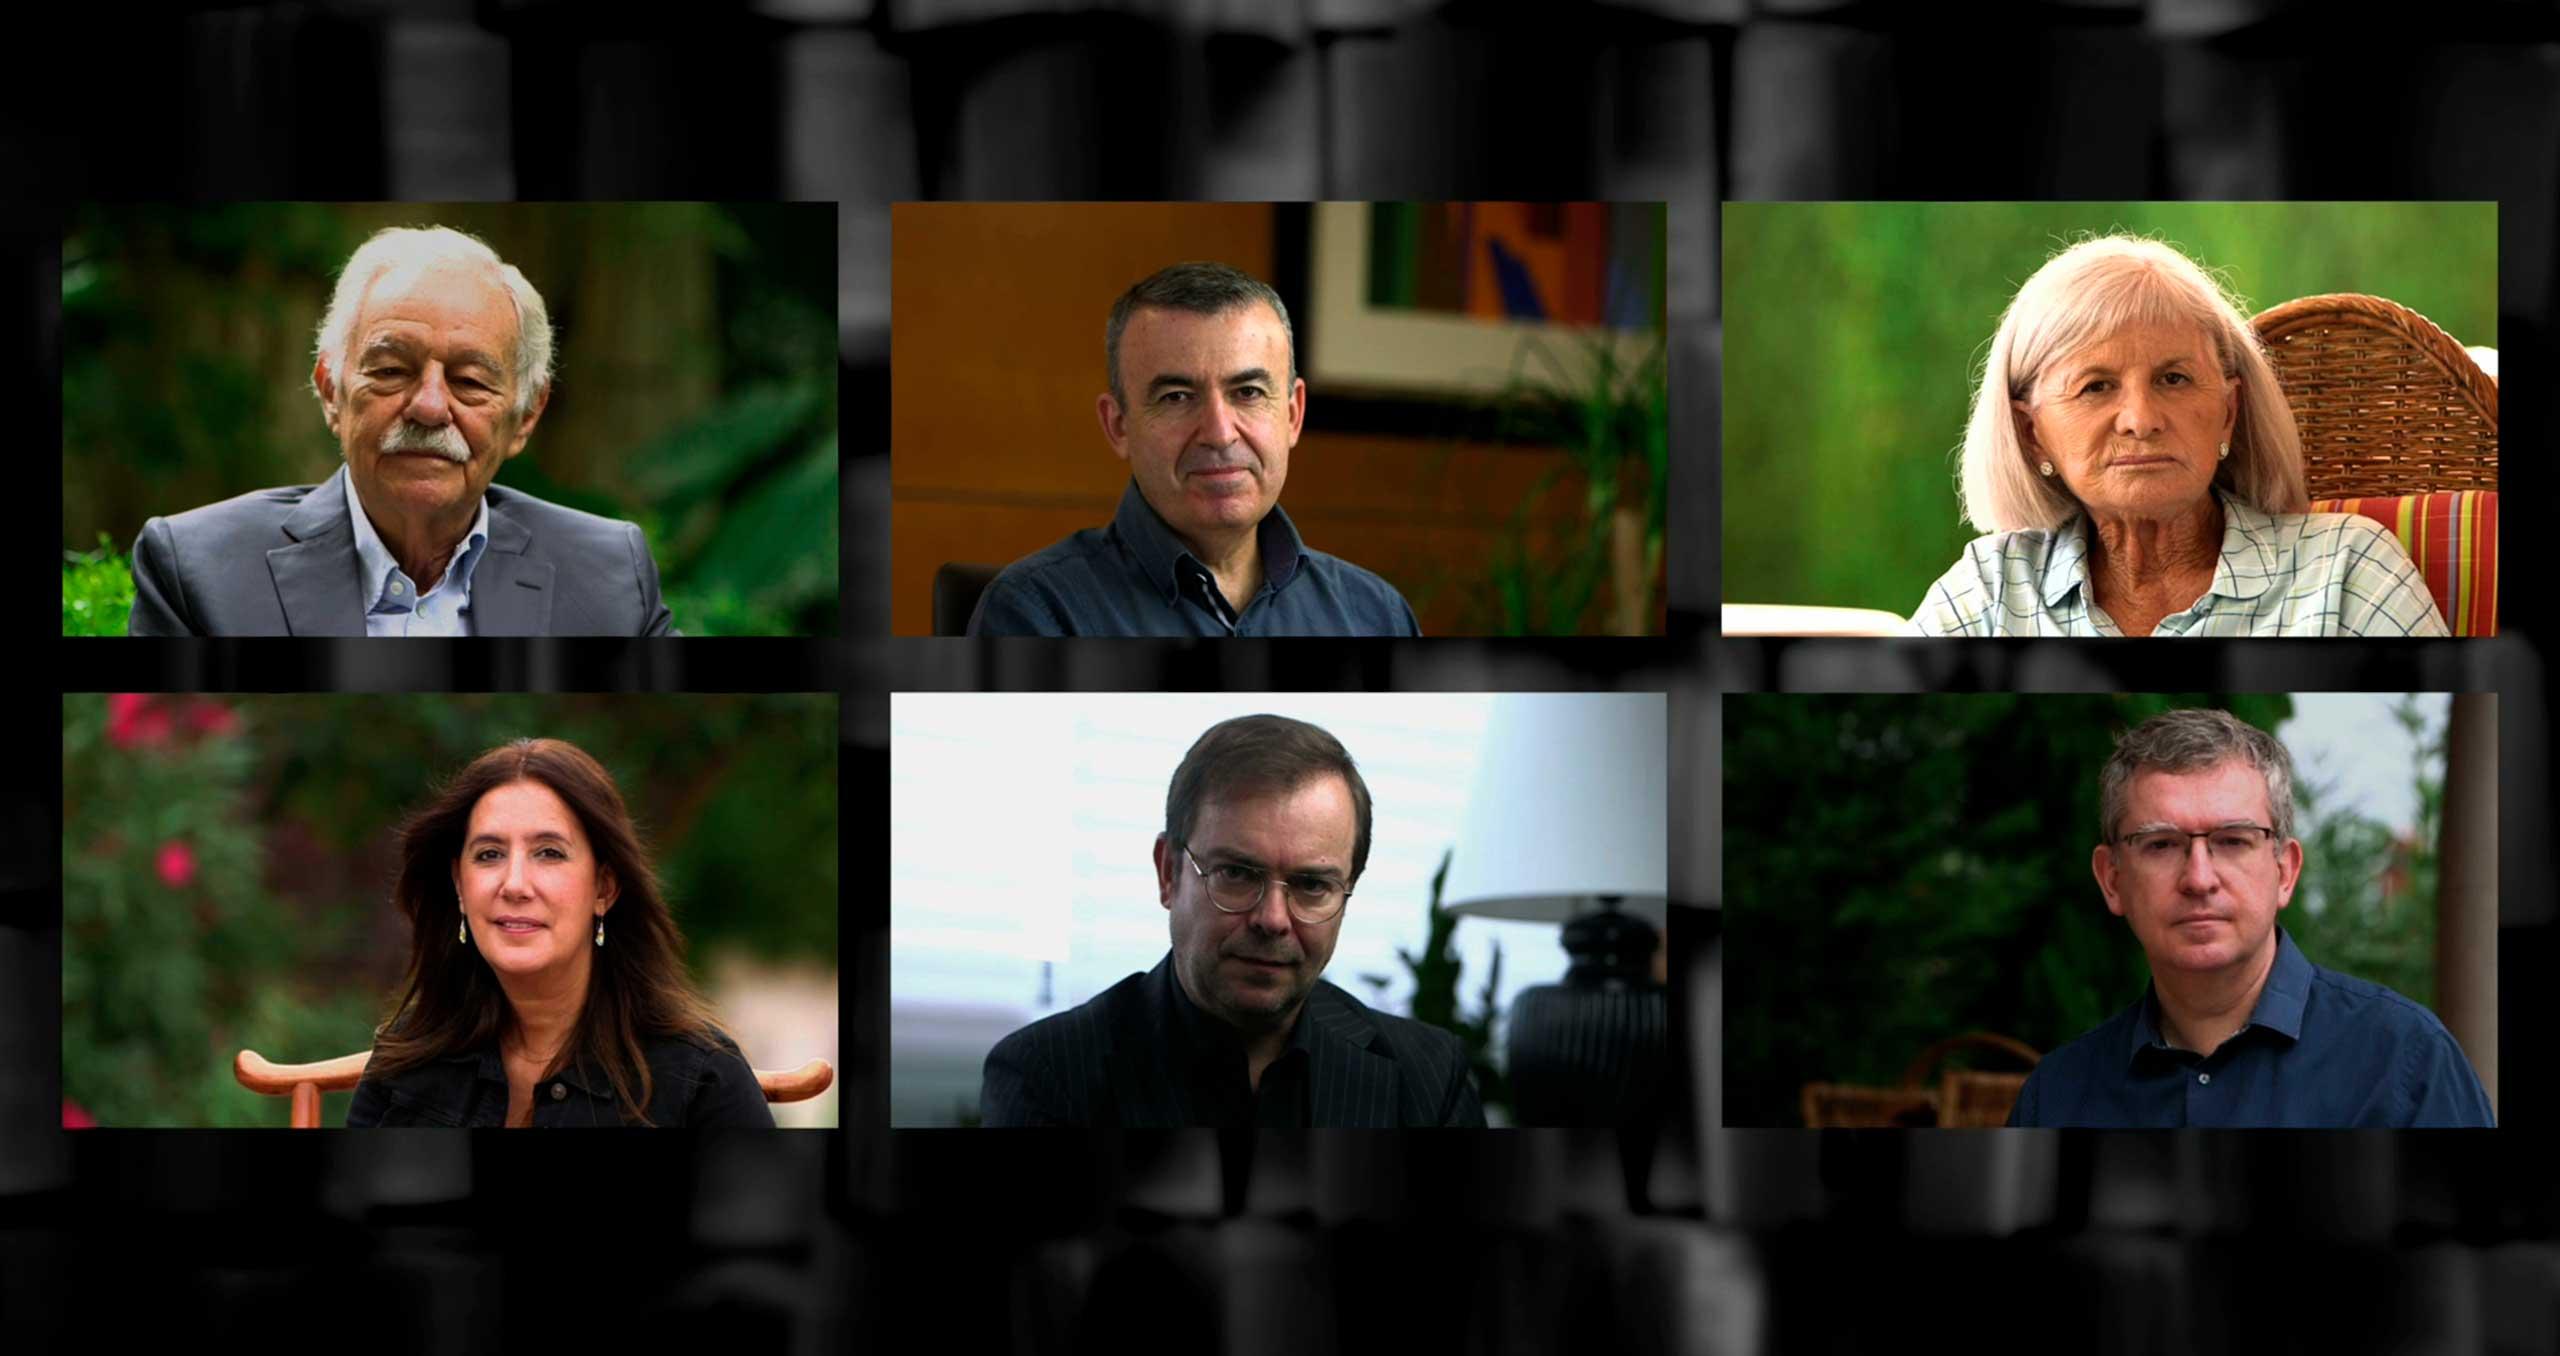 Entrevistes autors per la cerimònia d'el Premio Planeta 2020